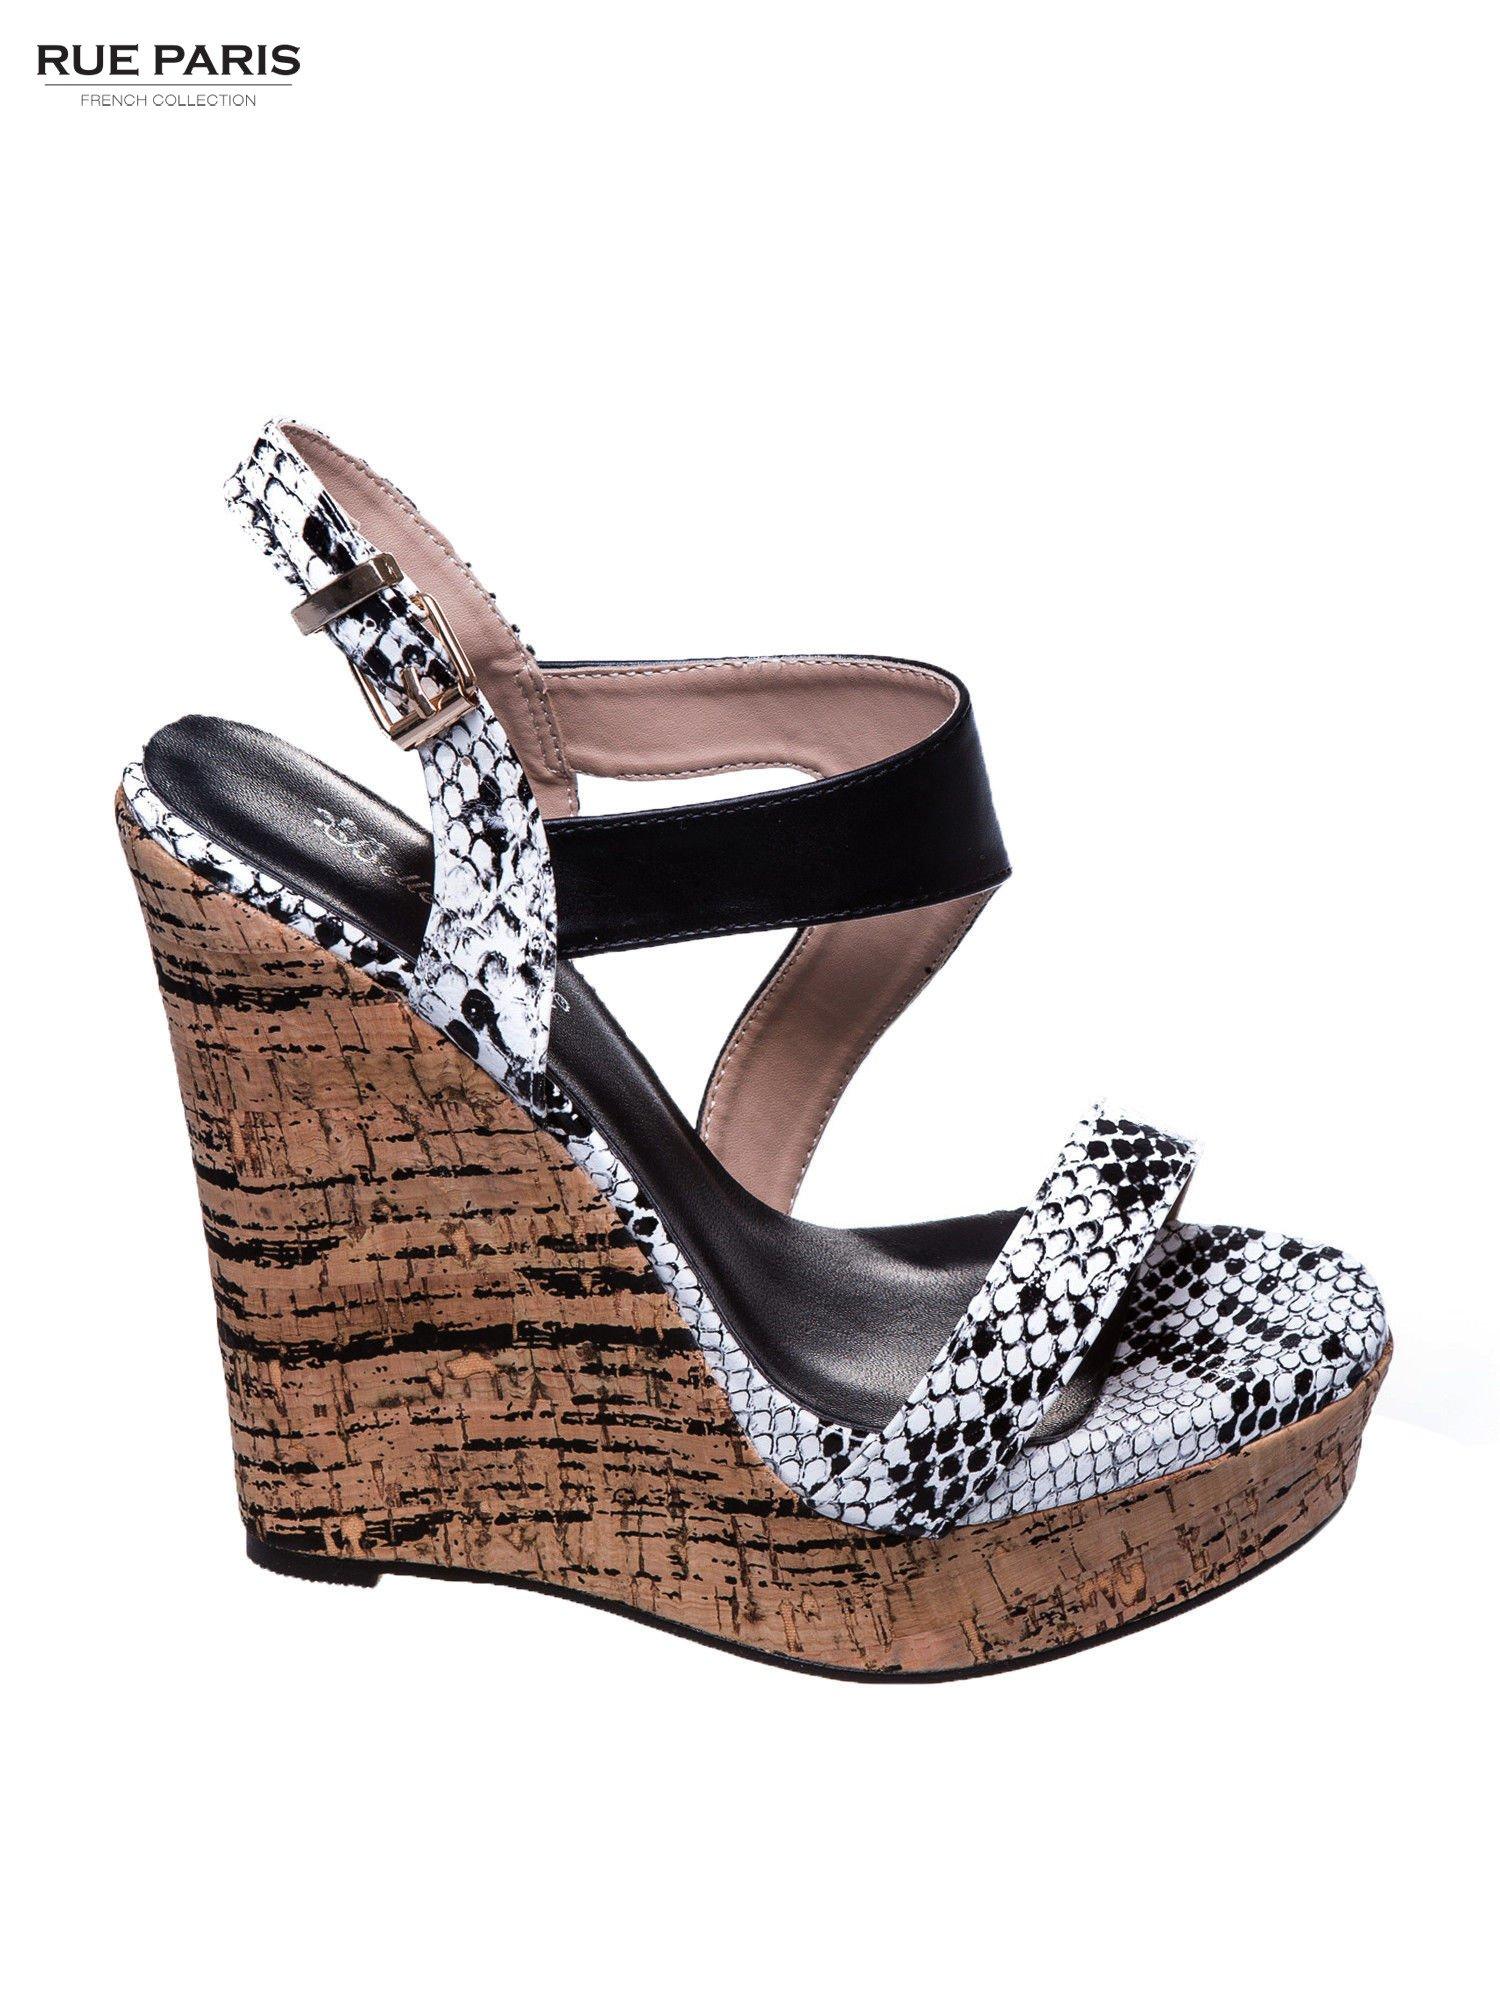 Białe wężowe sandały z paskami na korkowym koturnie                                  zdj.                                  1